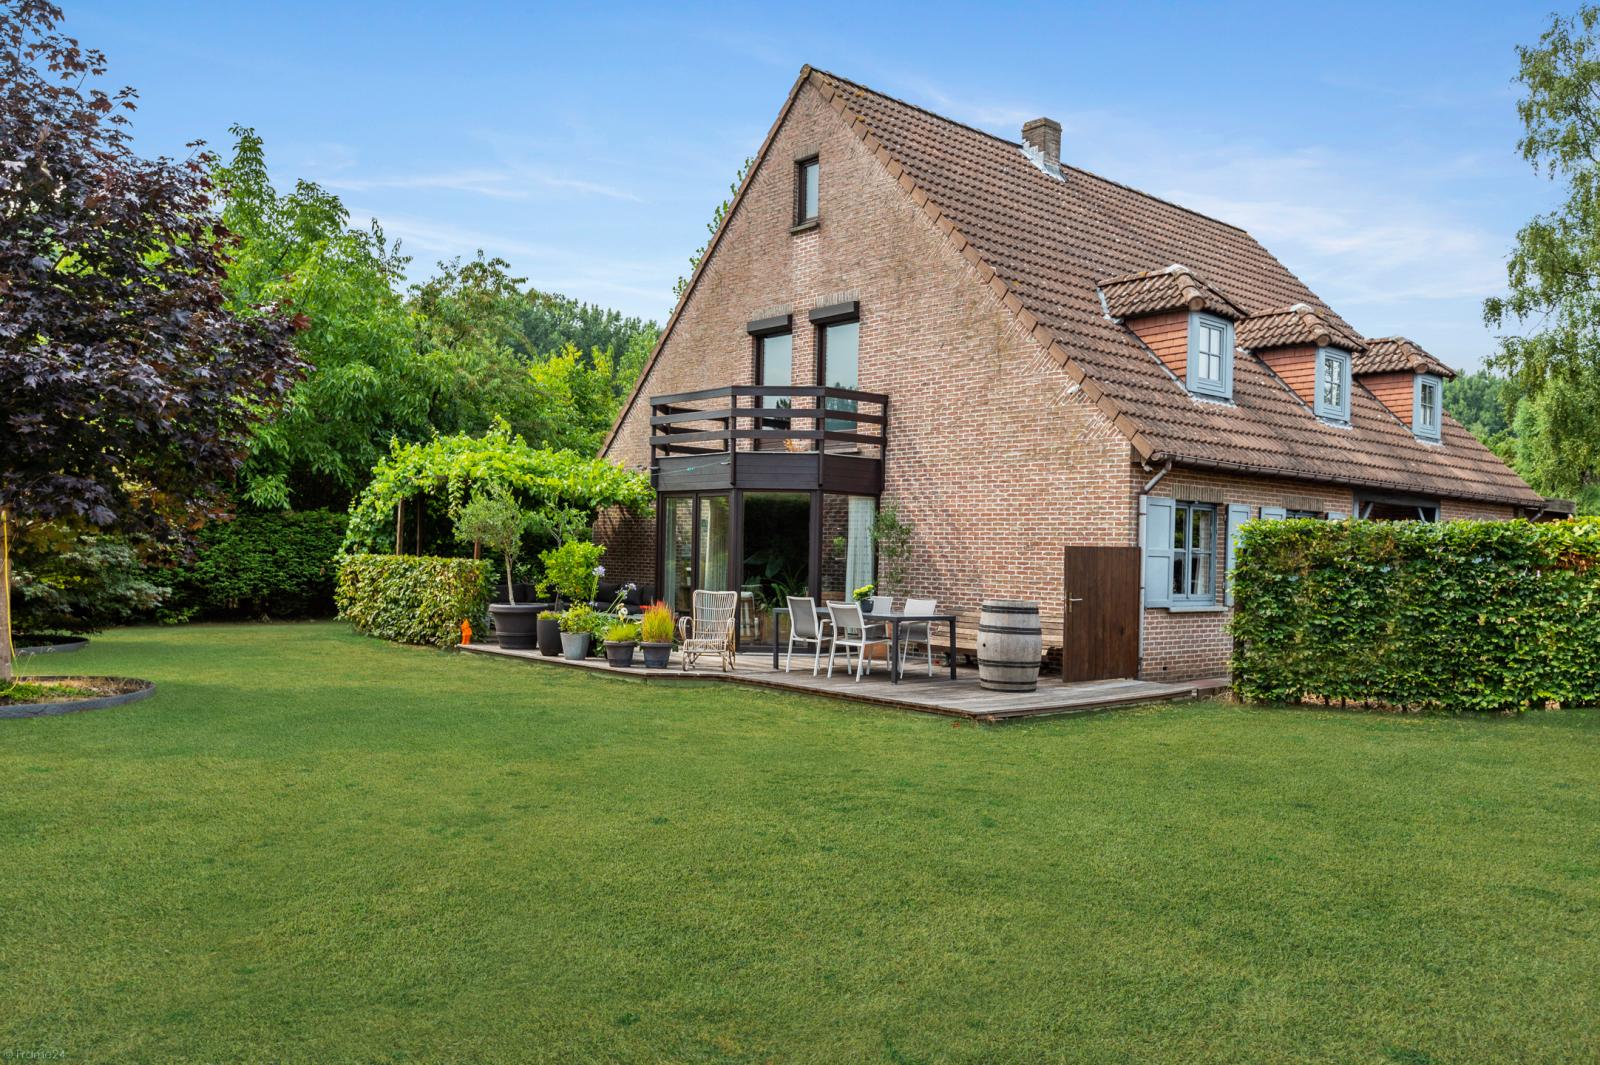 Stijlvolle landelijke villa op een perceel van 1.107 m² in een zeer gegeerd doodlopend straatje te Linkeroever! afbeelding 28